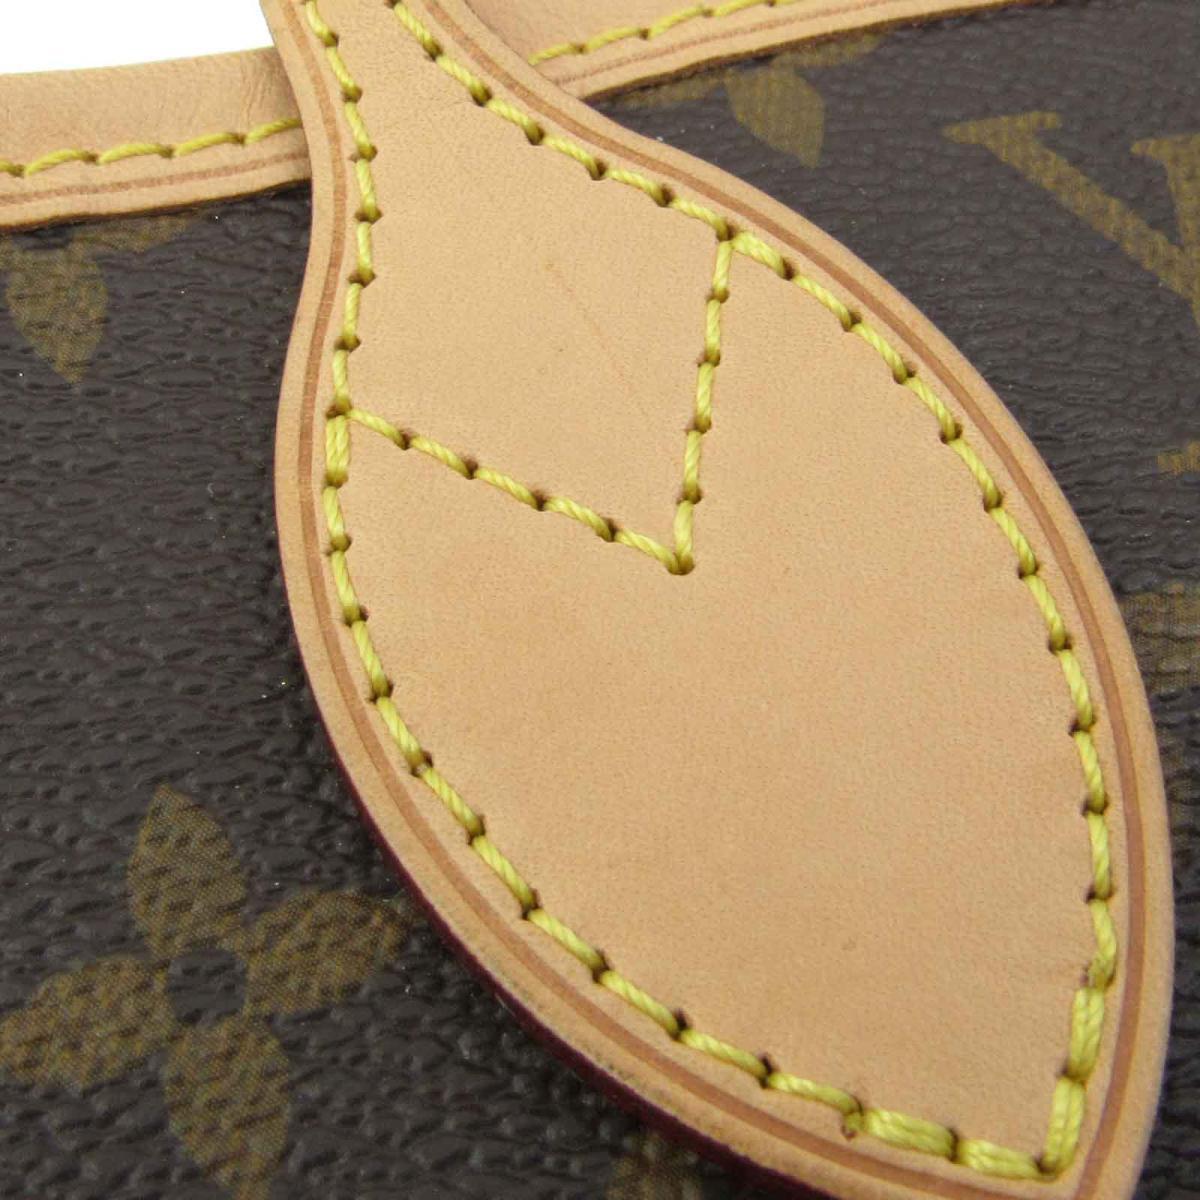 ルイヴィトン ネヴァーフルMM トートバッグ レディース モノグラムM40156LOUIS VUITTON ヴィトン ルイ・ヴィトン トートバック トート バッグ BAG カバン 鞄 ブランドバッグ ブランドバック 美品 ブランドオフF1lKJuTc3